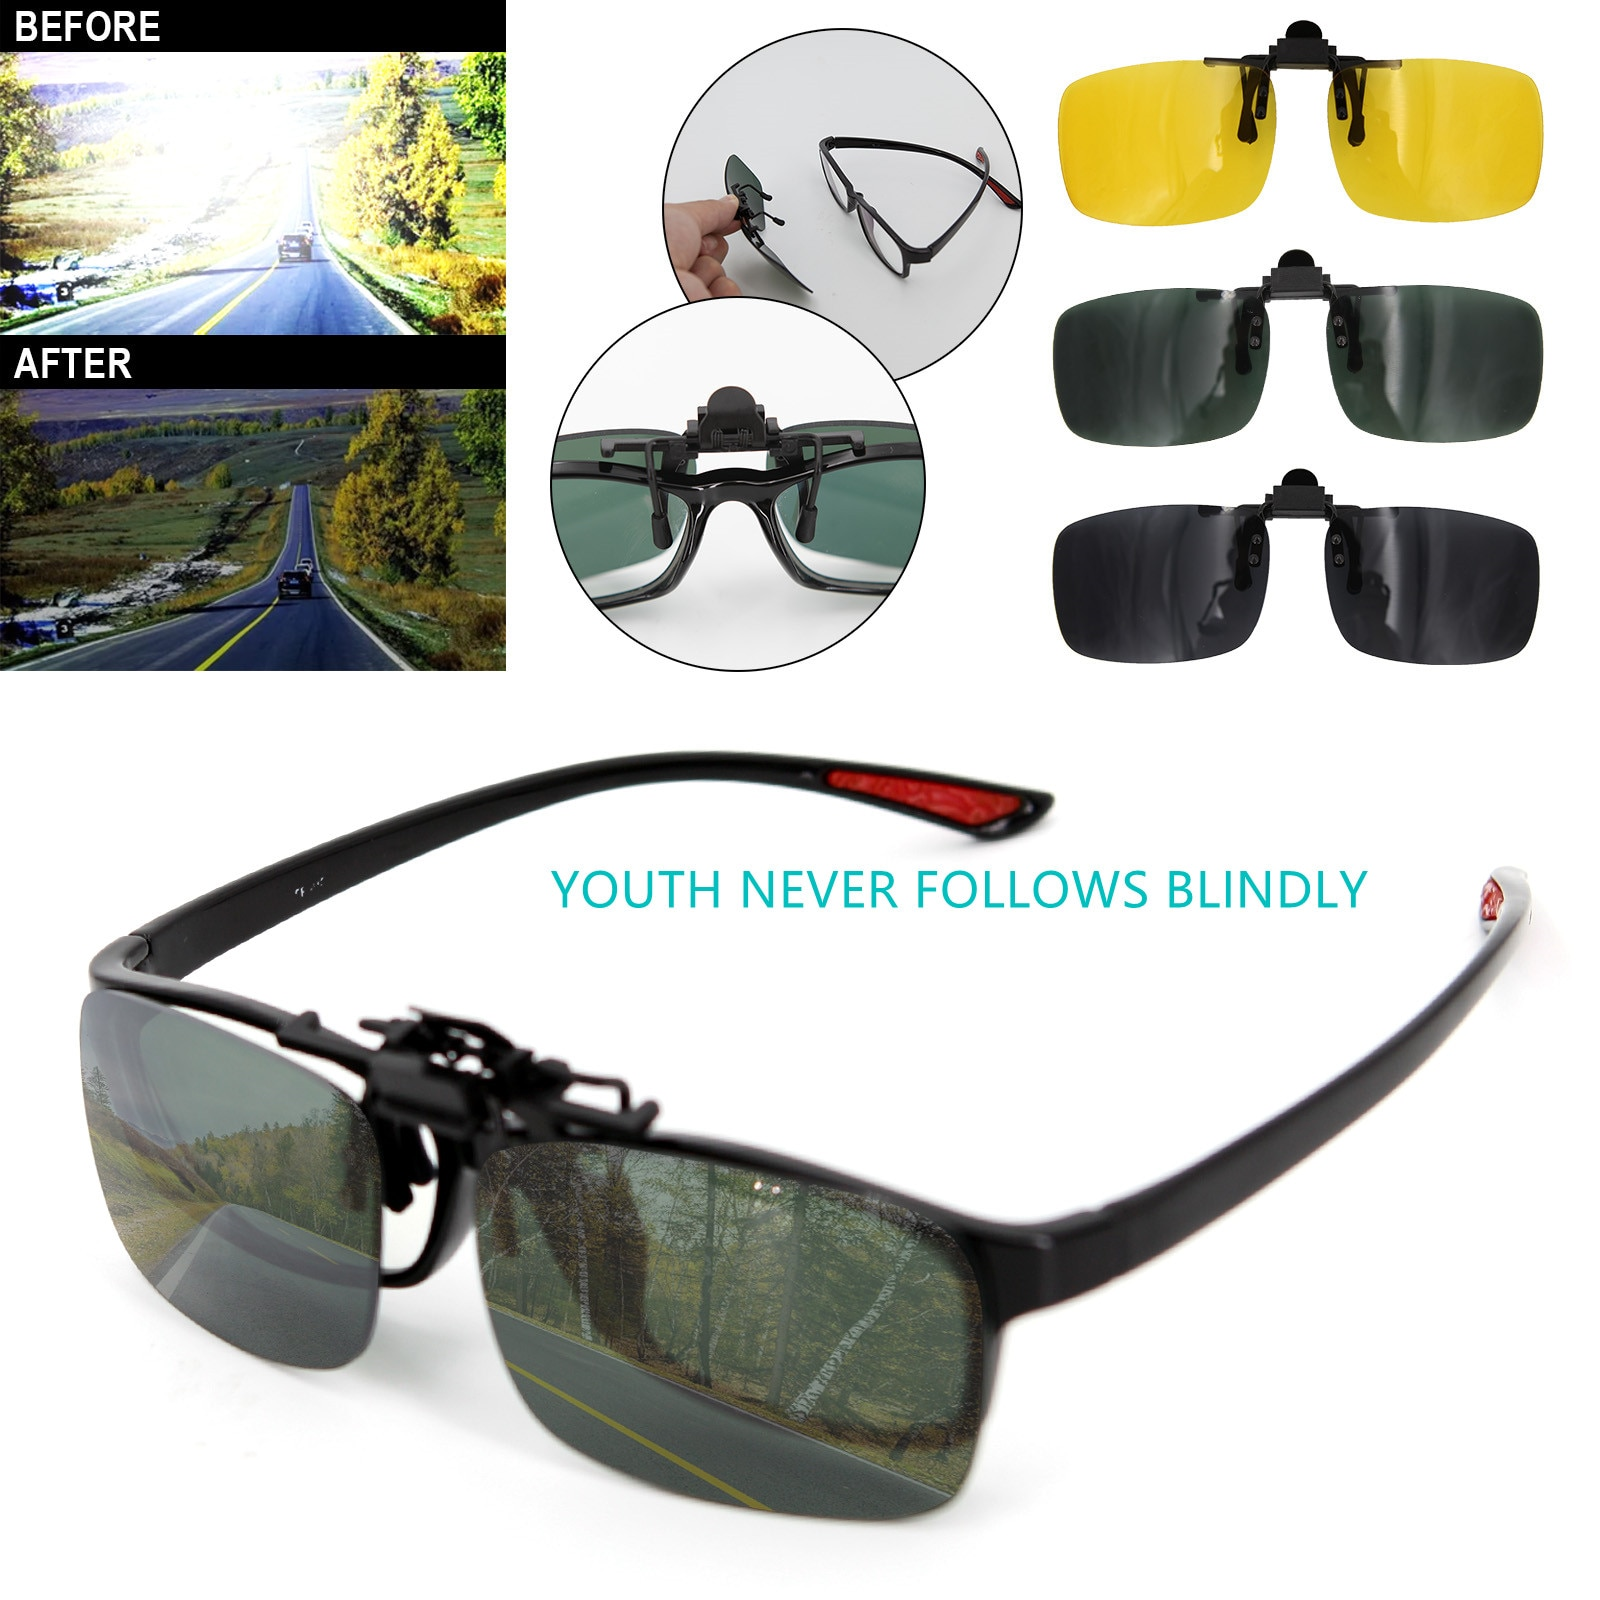 Поляризованные солнцезащитные очки, автомобильные очки с защитой от Уфа, солнцезащитные очки с клипсой ночного видения для вождения, унисе...